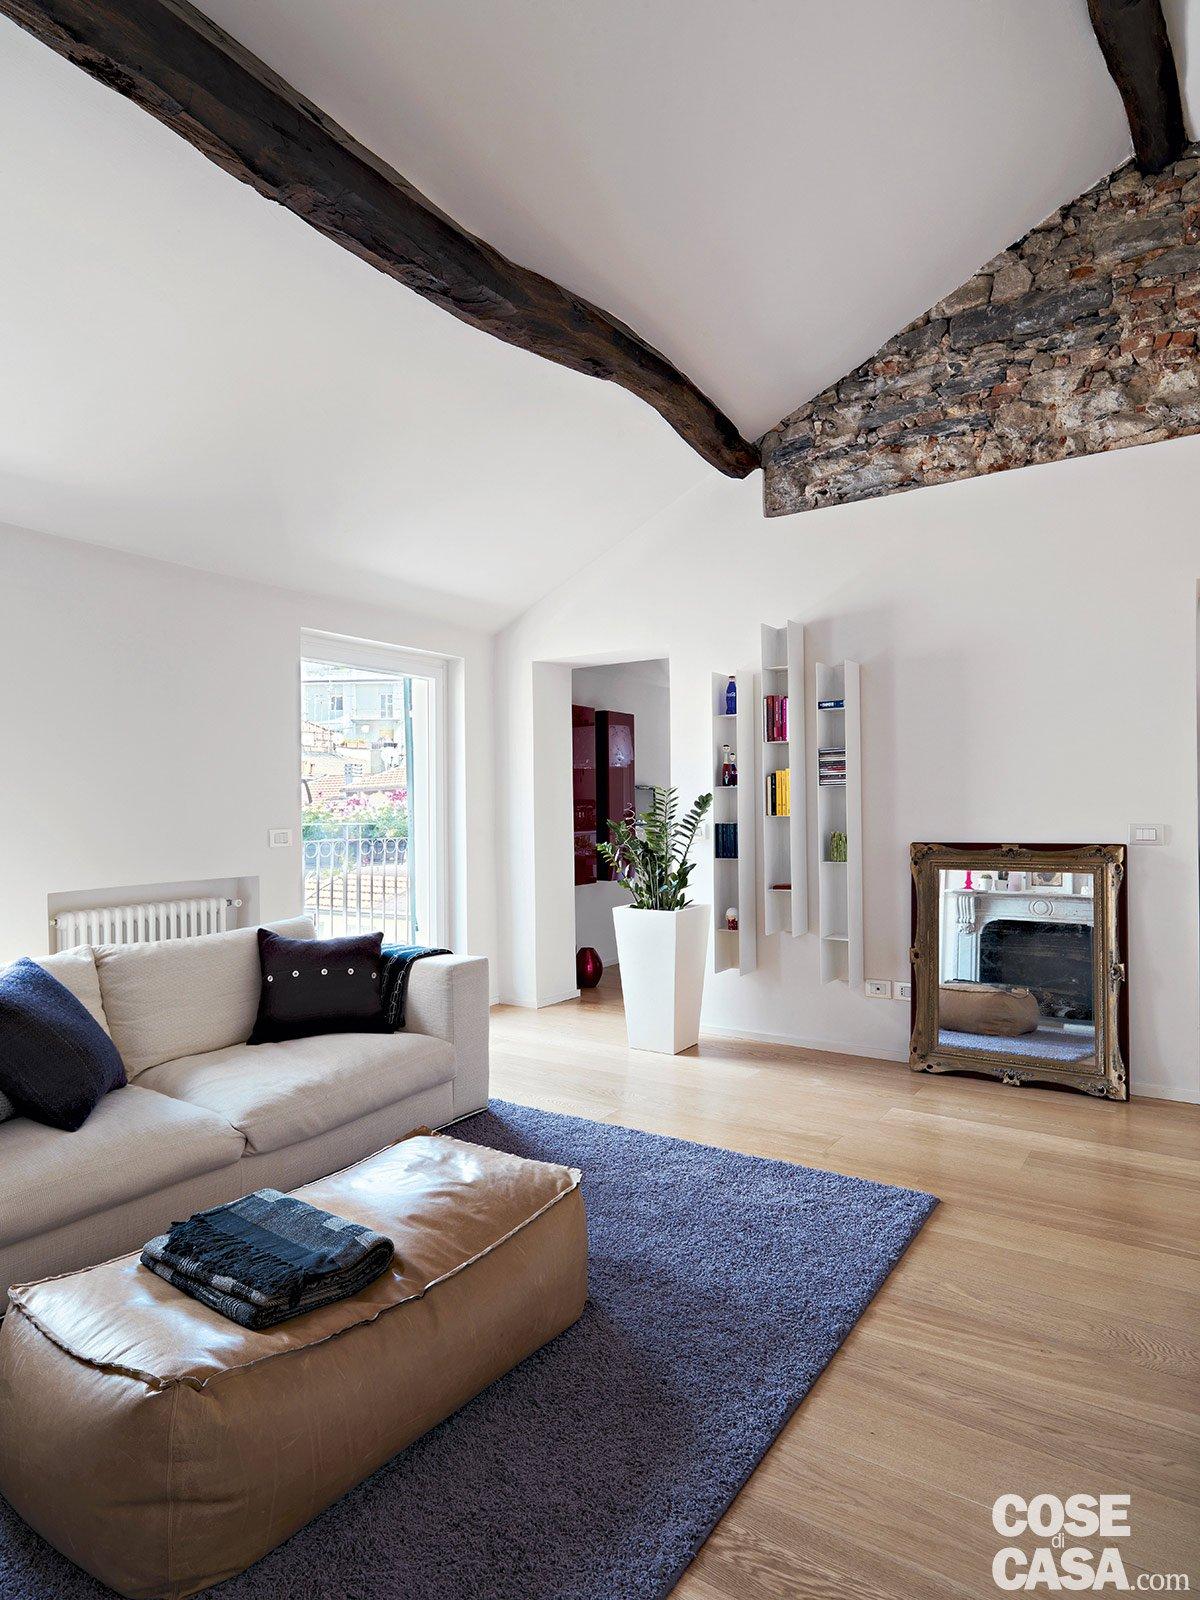 86 mq interni tra passato e presente cose di casa for Interni di case in legno contemporanee